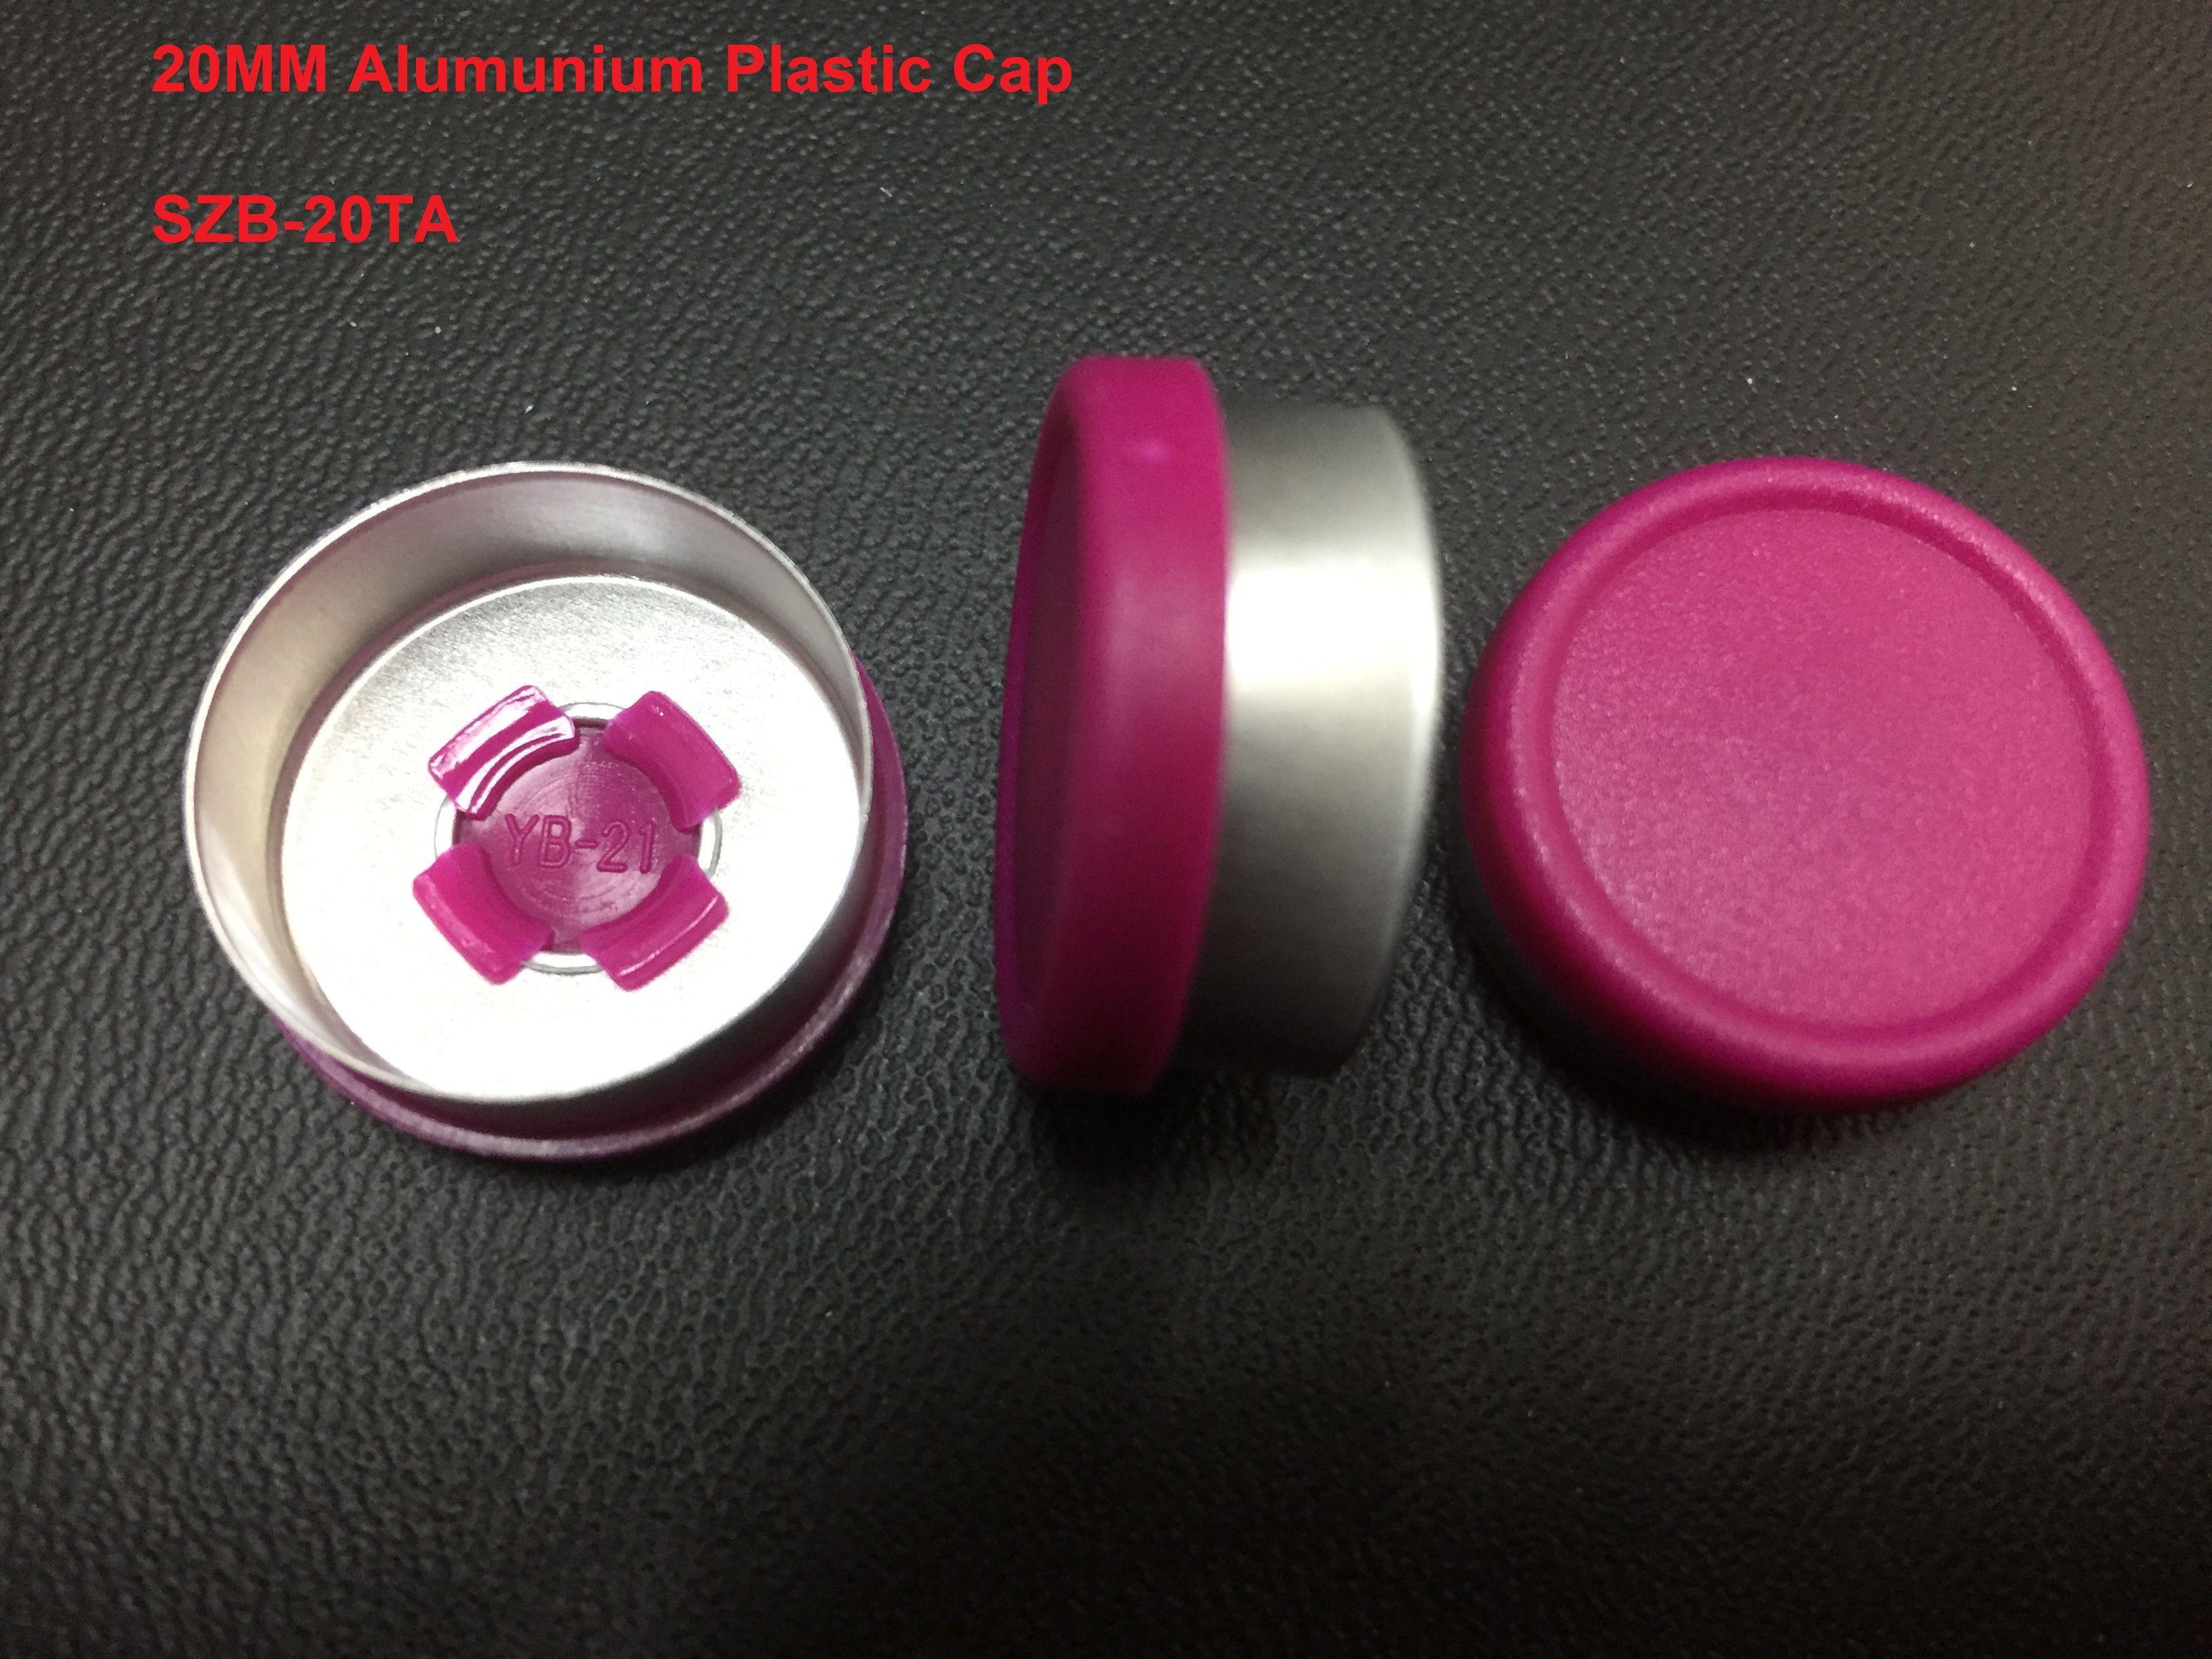 Aluminium caps and flip off caps